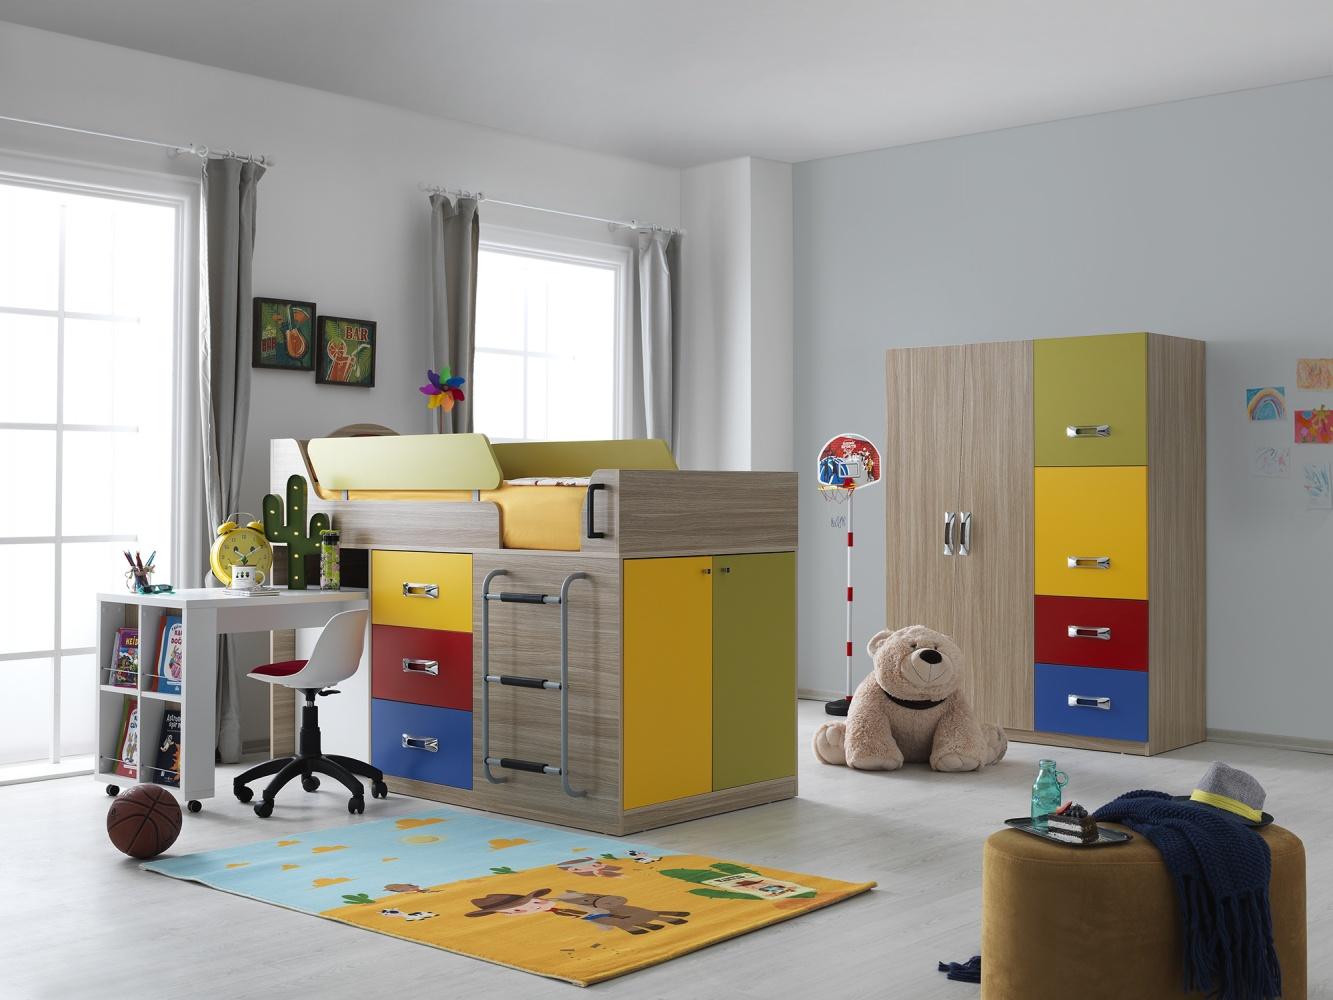 Full Size of Kinderzimmer Hochbett 5de70879a6869 Regale Sofa Regal Weiß Kinderzimmer Kinderzimmer Hochbett